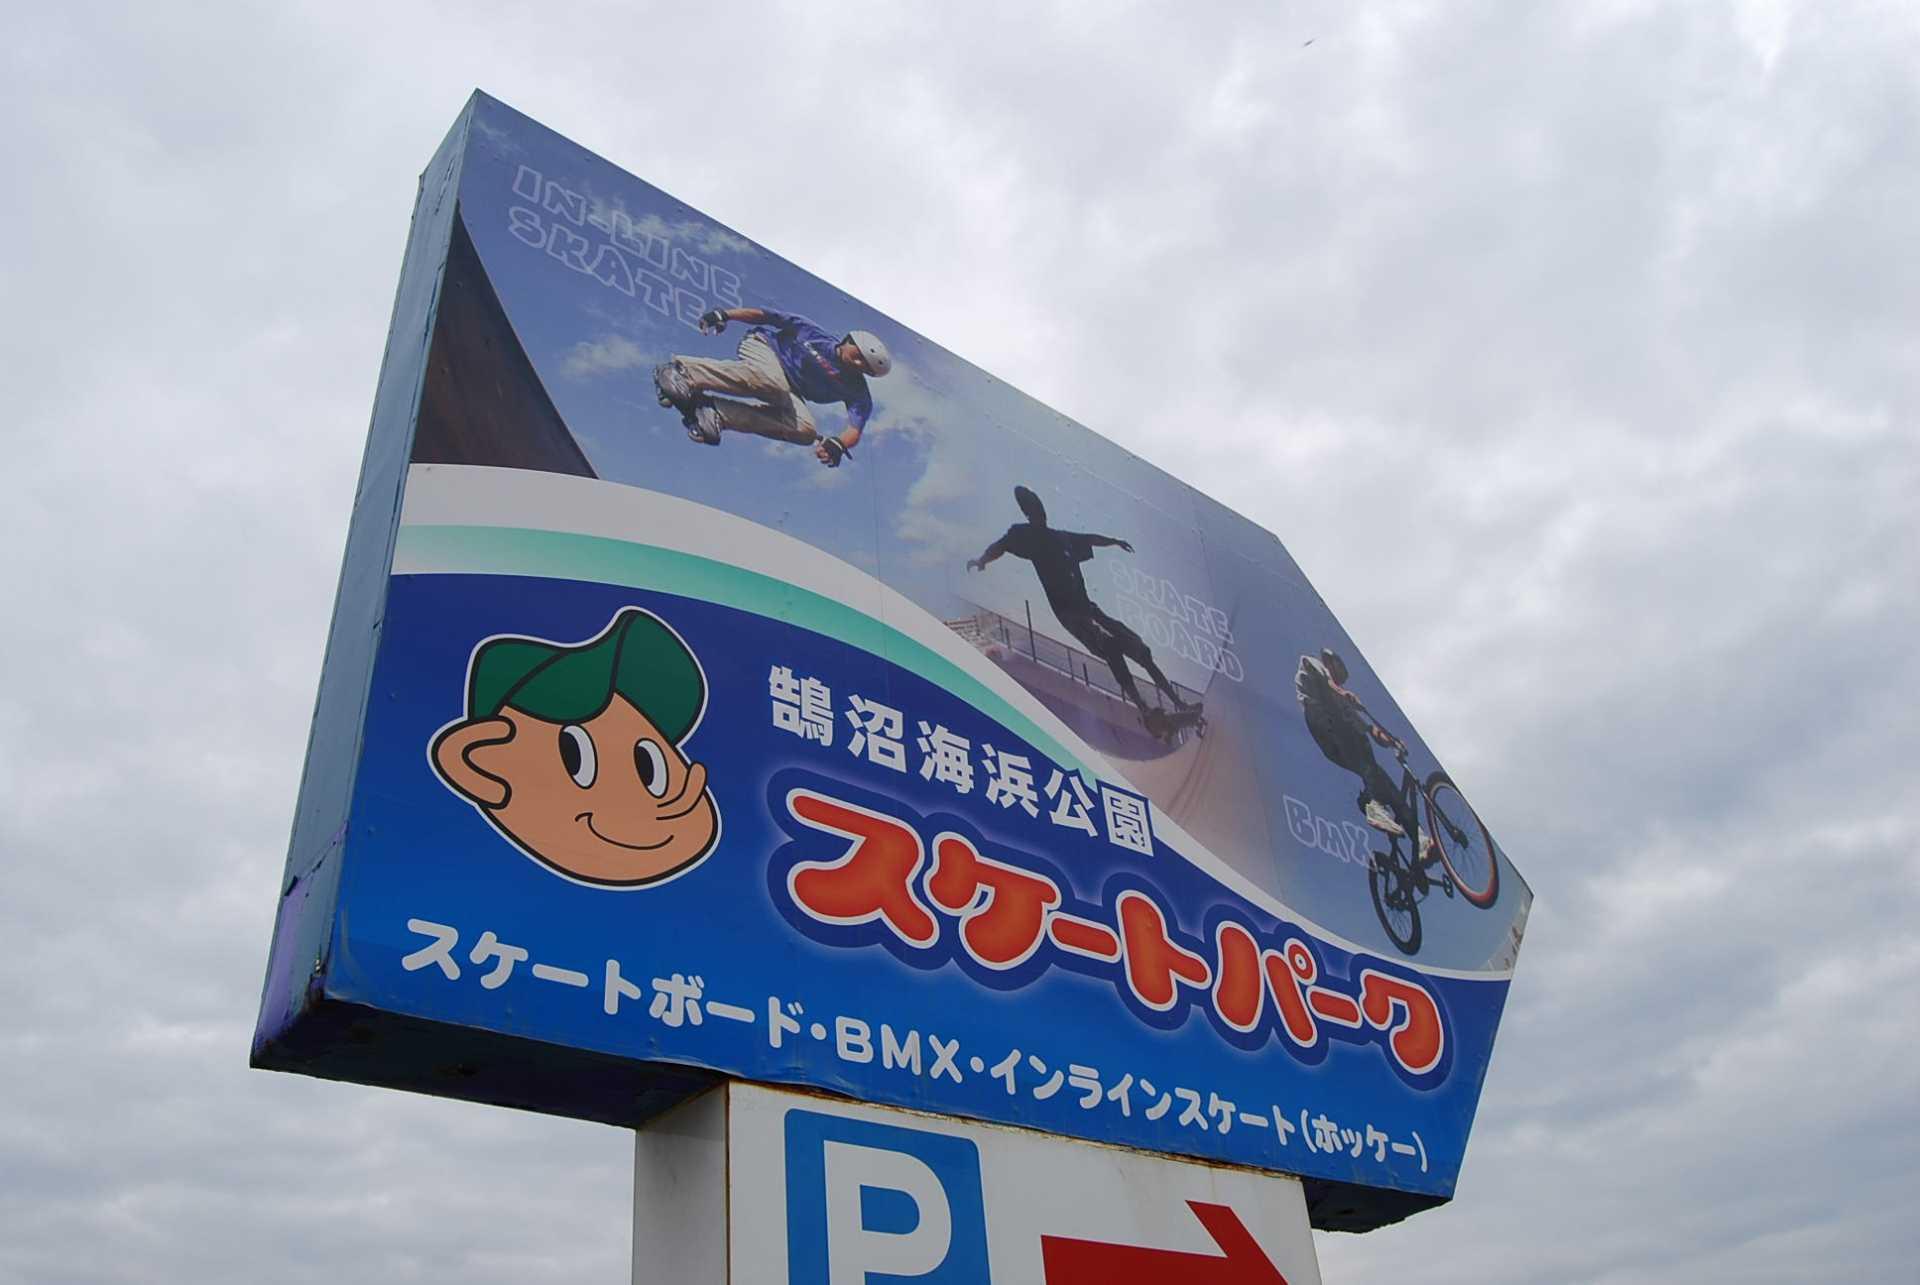 鵠沼スケートパークのデザイン・看板製作